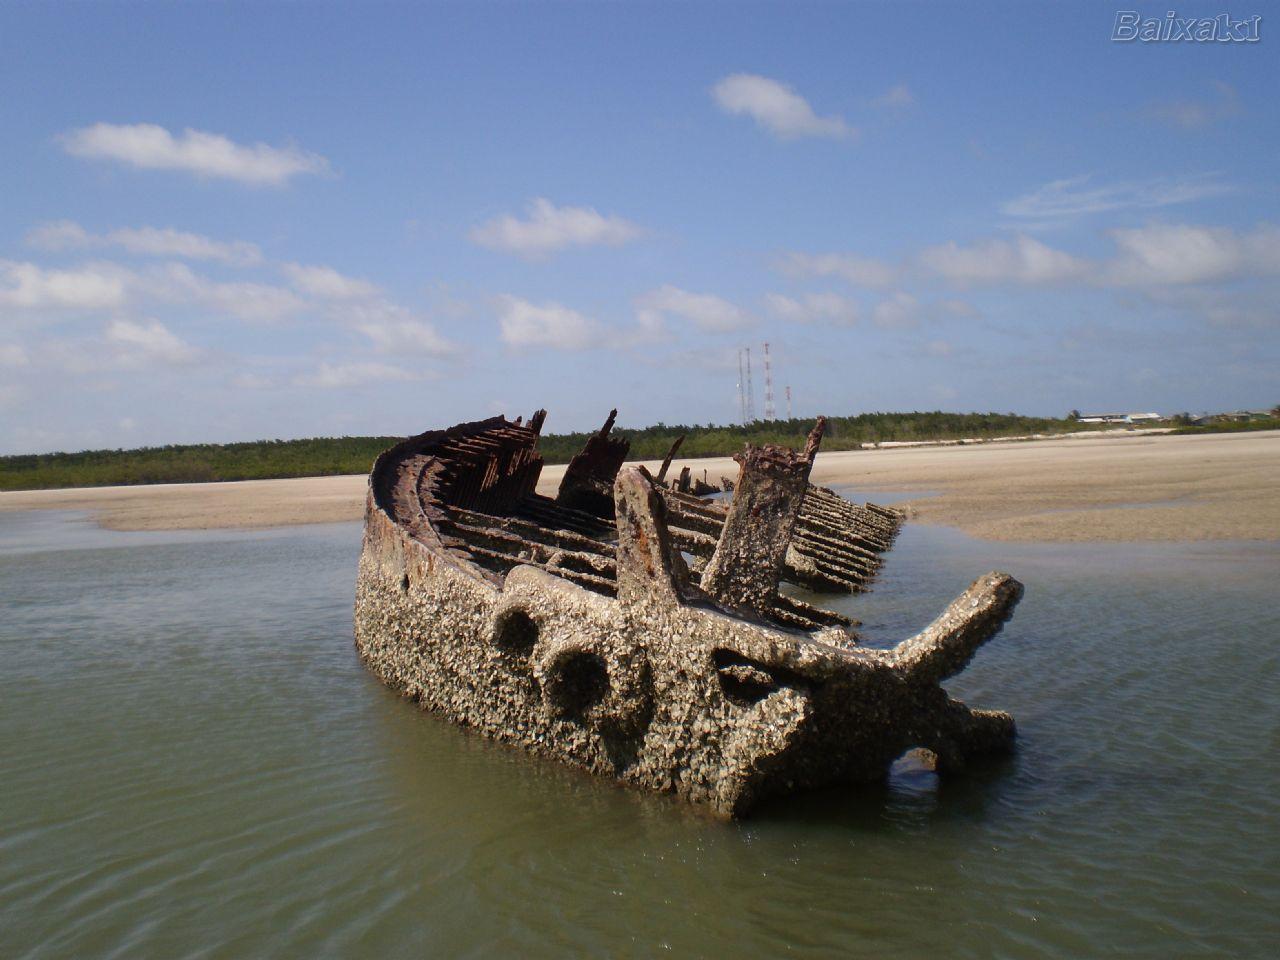 Navio do Sáculo XIX naufragado em Ajuruteua - Bragança